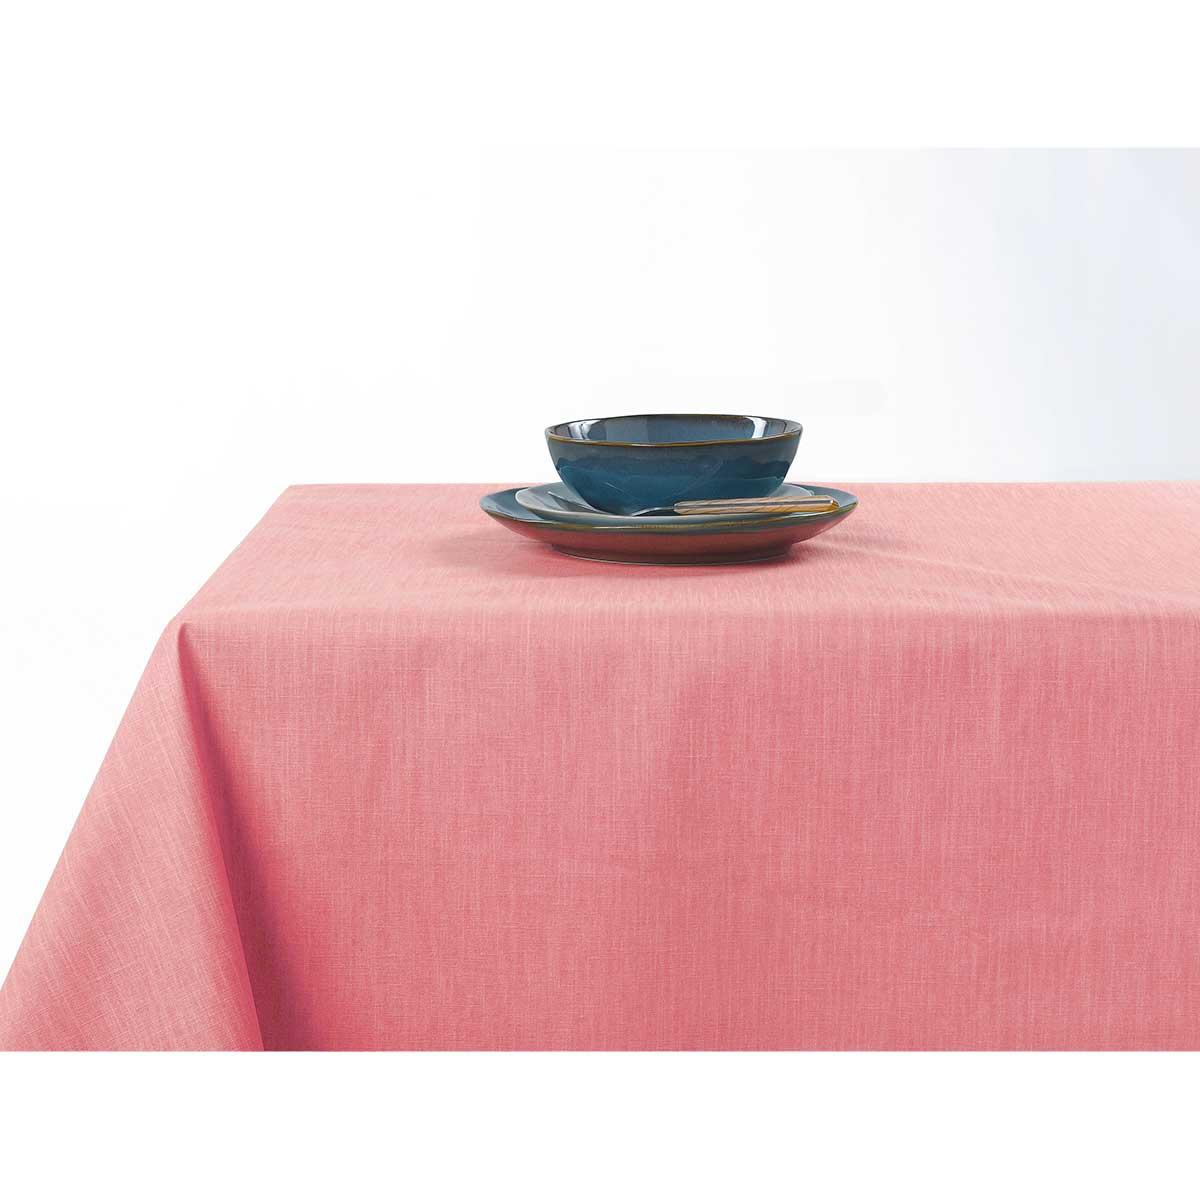 Nappe enduite anti taches aux couleurs acidulées - Rose - 150 x 200 cm